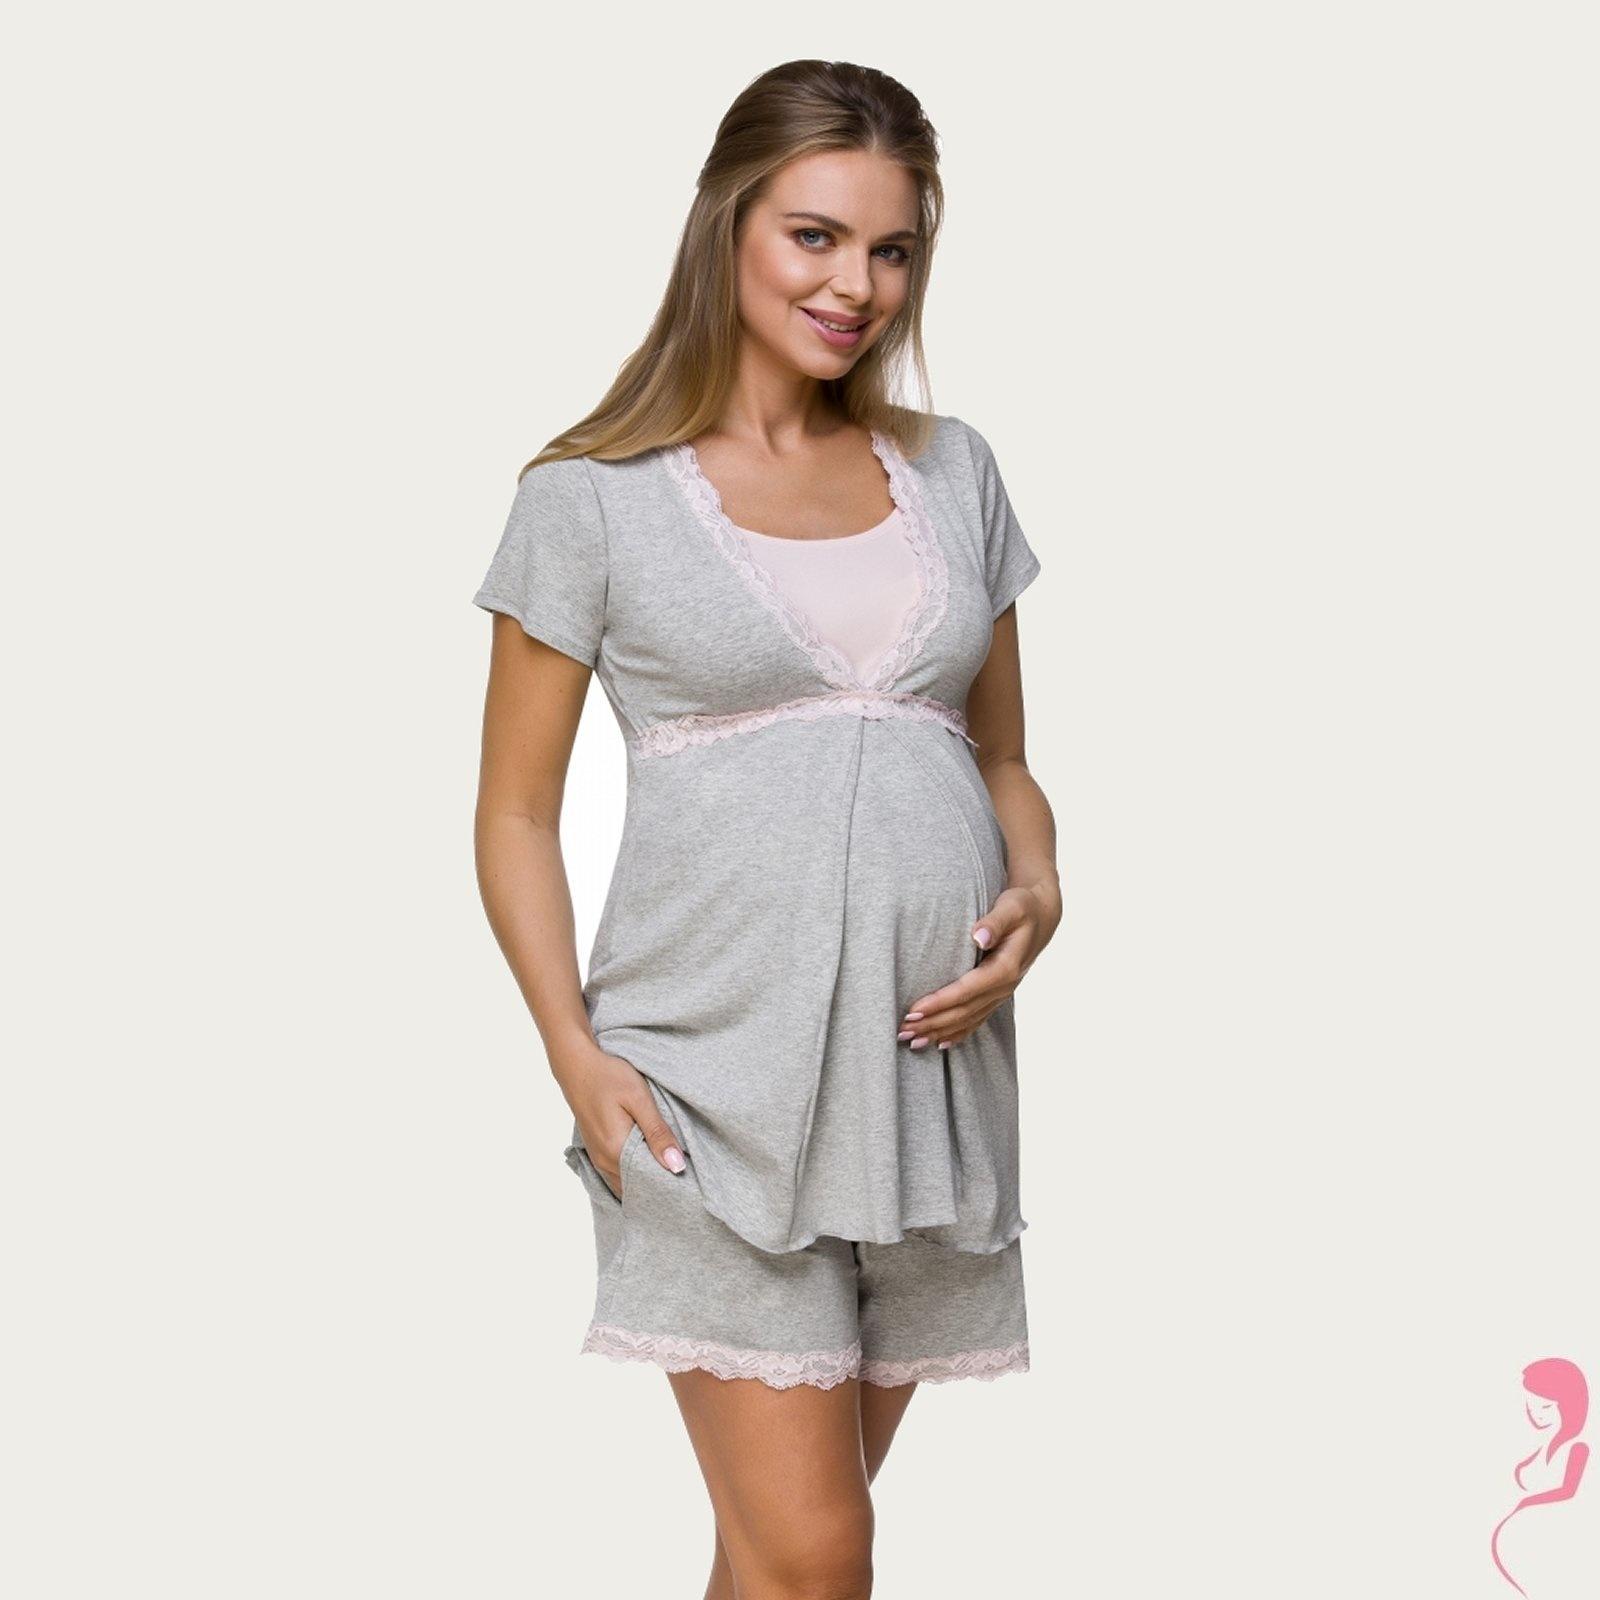 Lupoline Zwangerschapspyama gemeleerd grijs